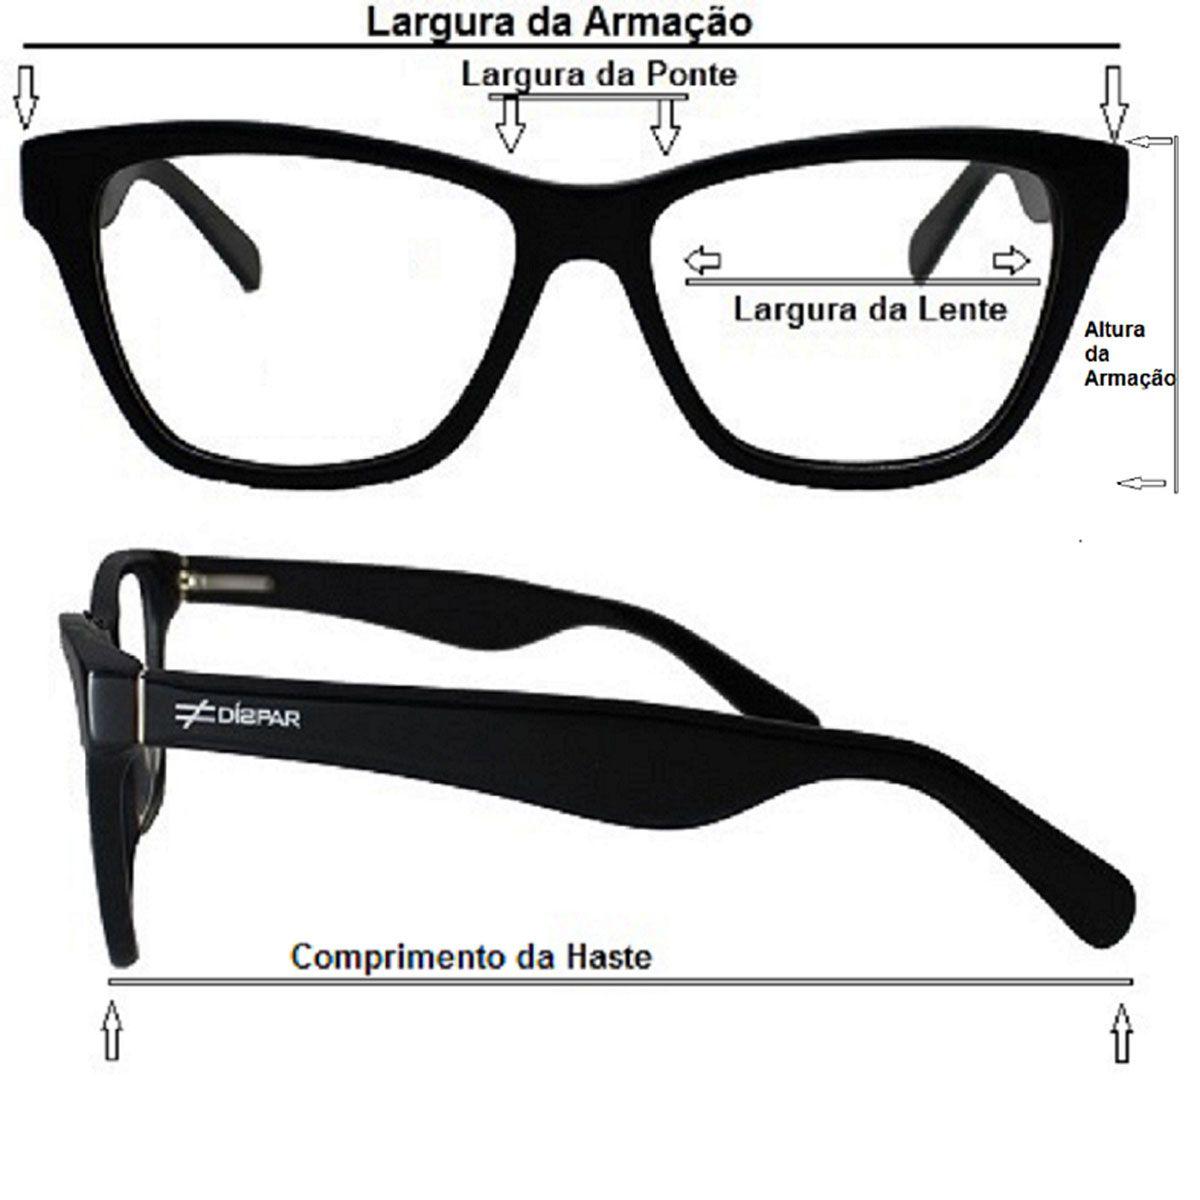 Óculos De Sol Díspar D2263 Quadrado Lentes Polarizadas - Preto Fosco